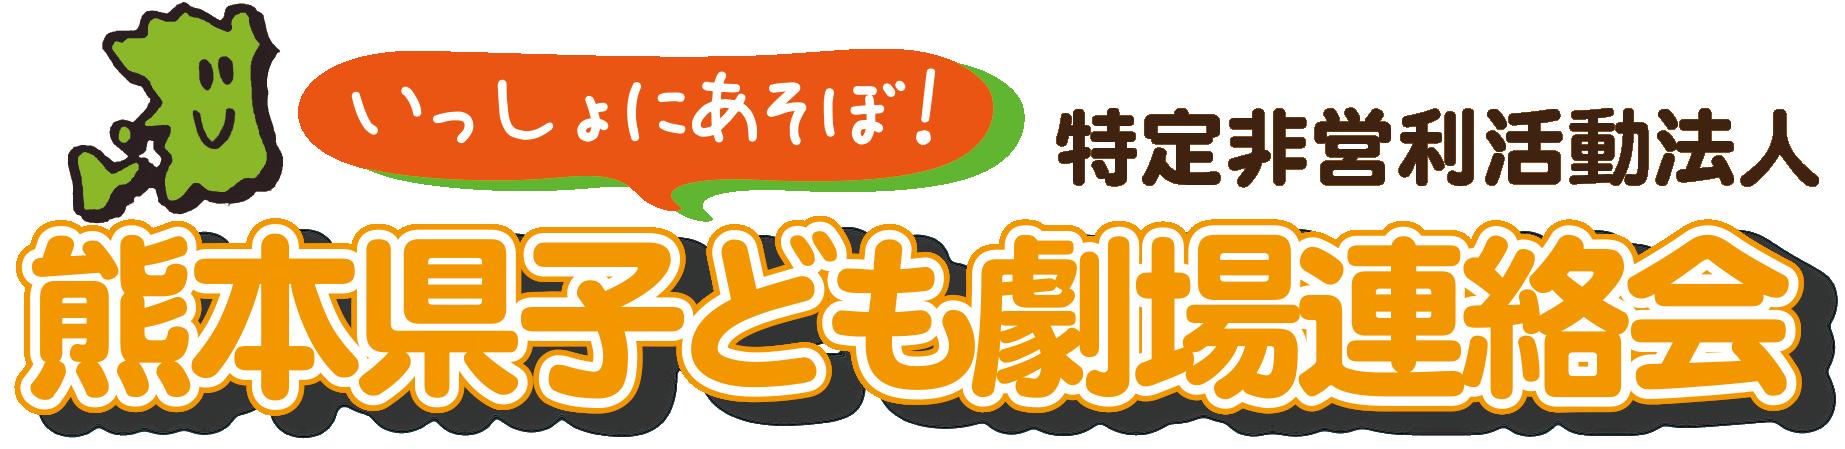 熊本県子ども劇場連絡会